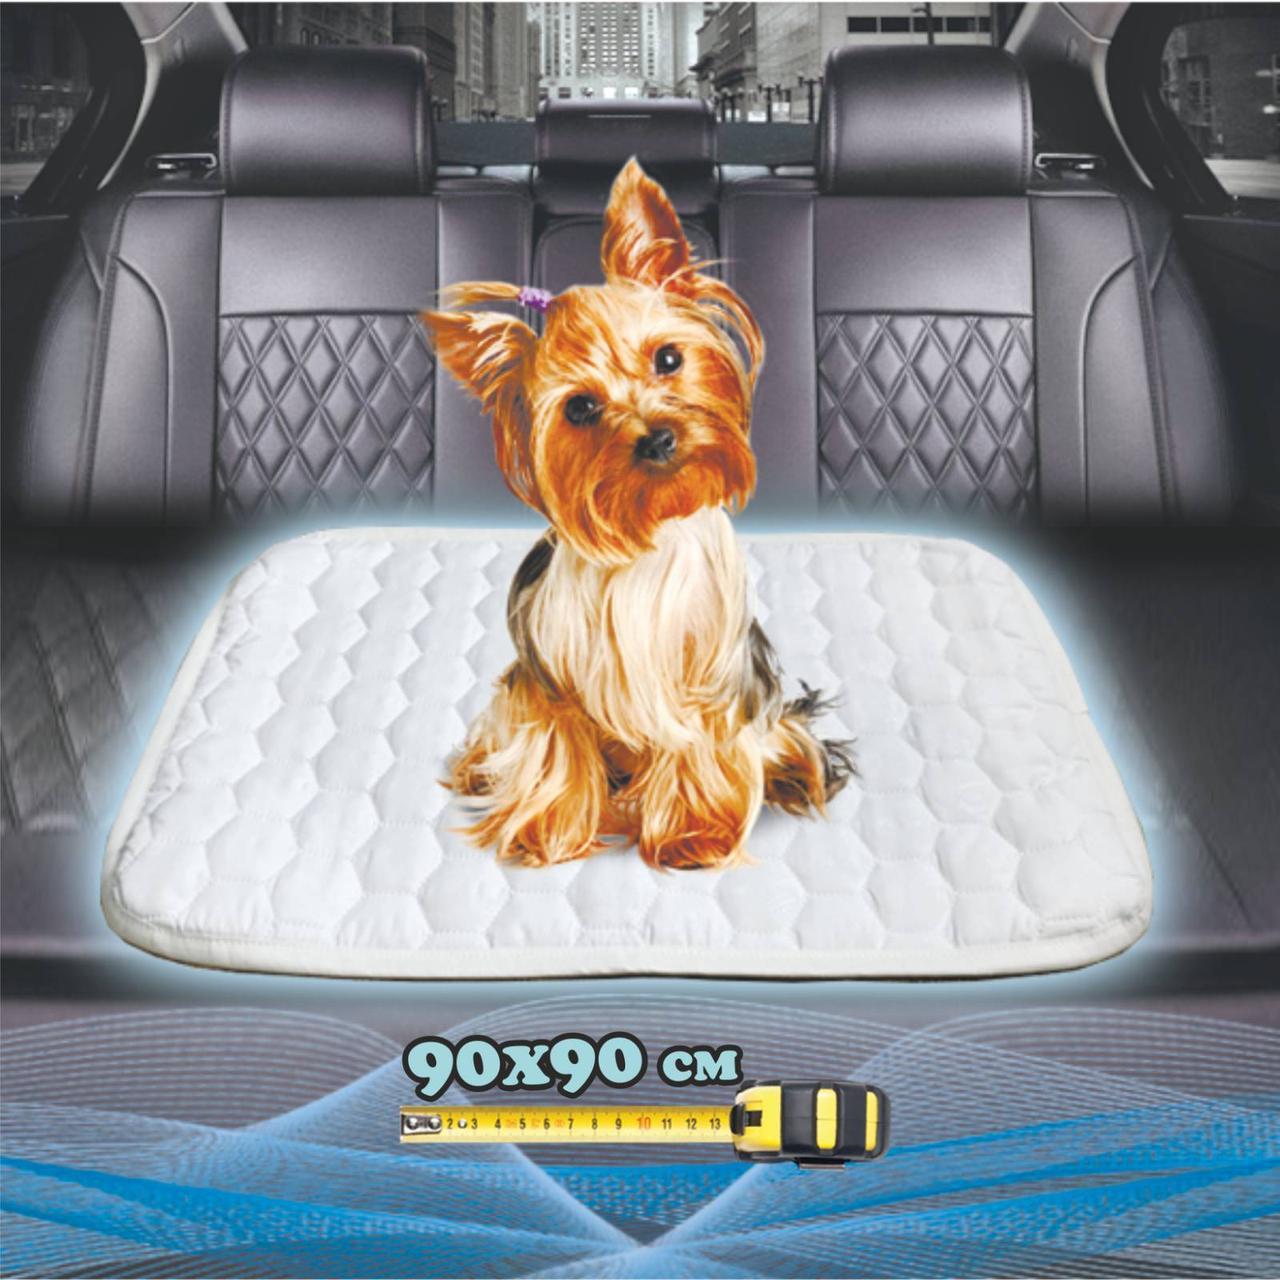 Многоразовая пеленка для собак 90х90 см непромокаемая коричневая